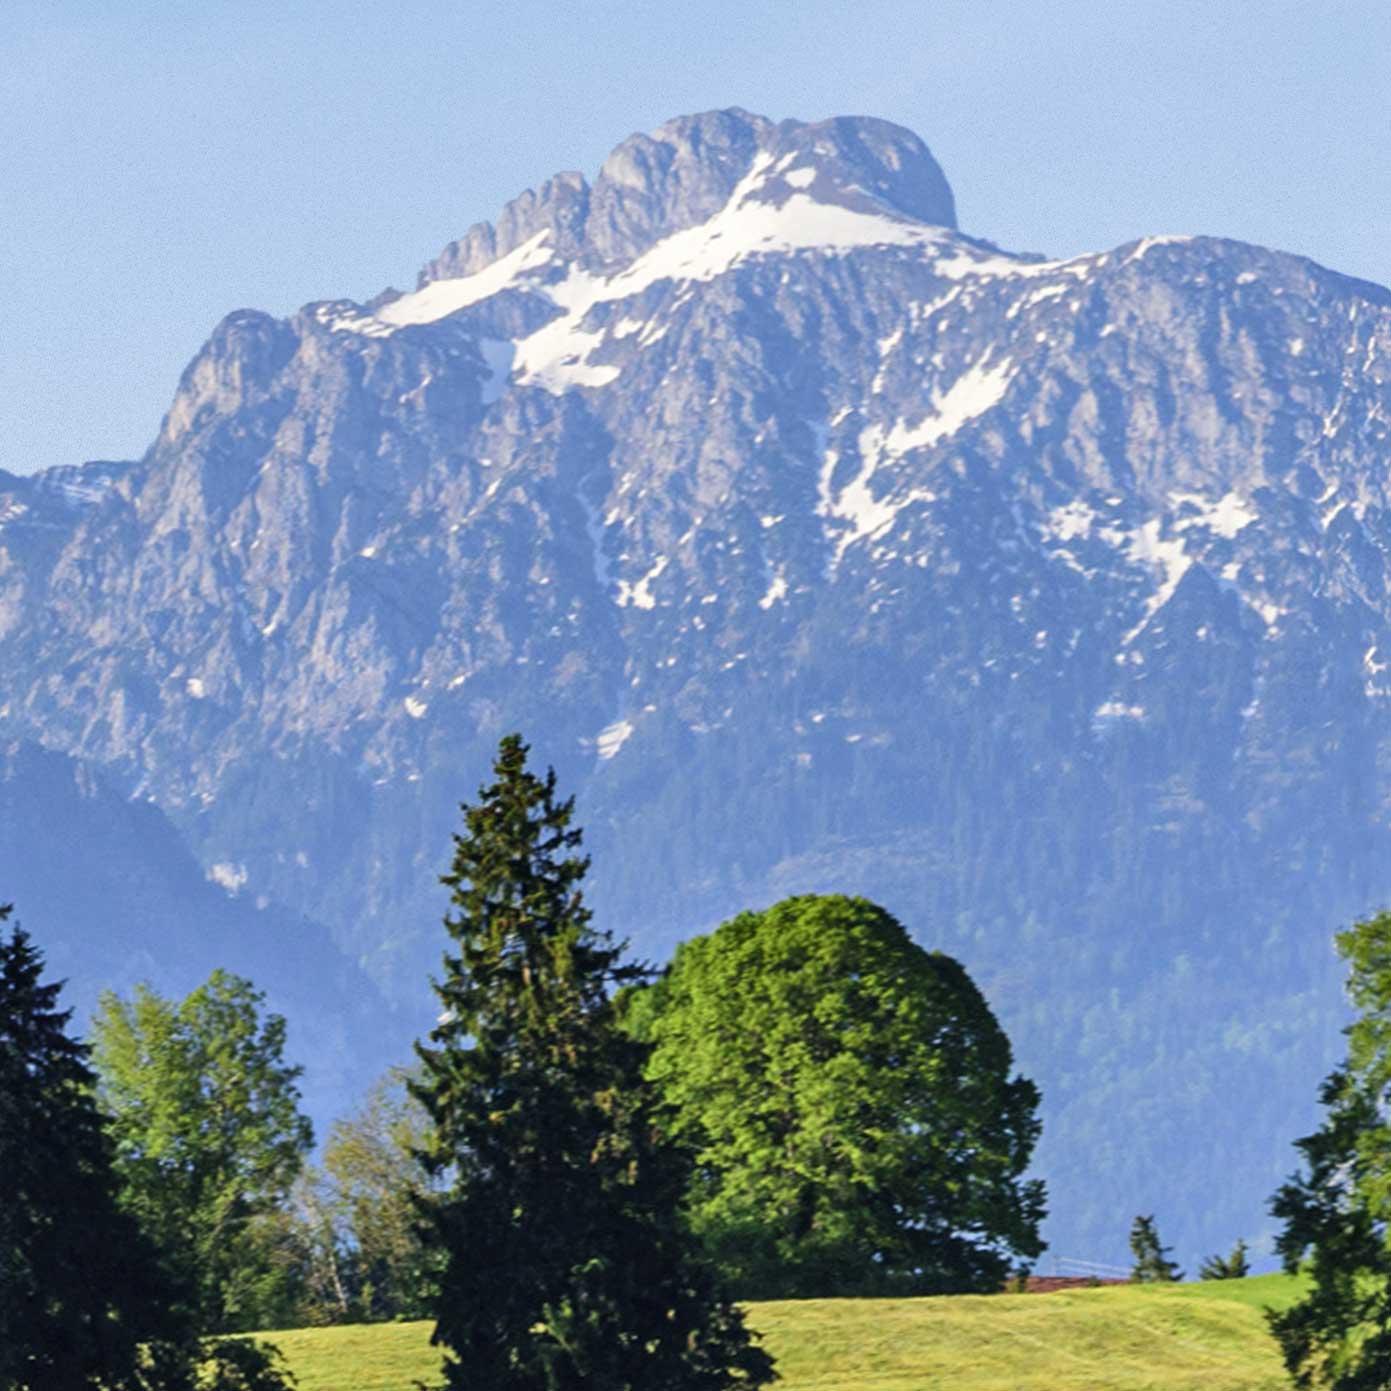 Bayern-mit-Alpenbergen-2021-Detail-2-4 3